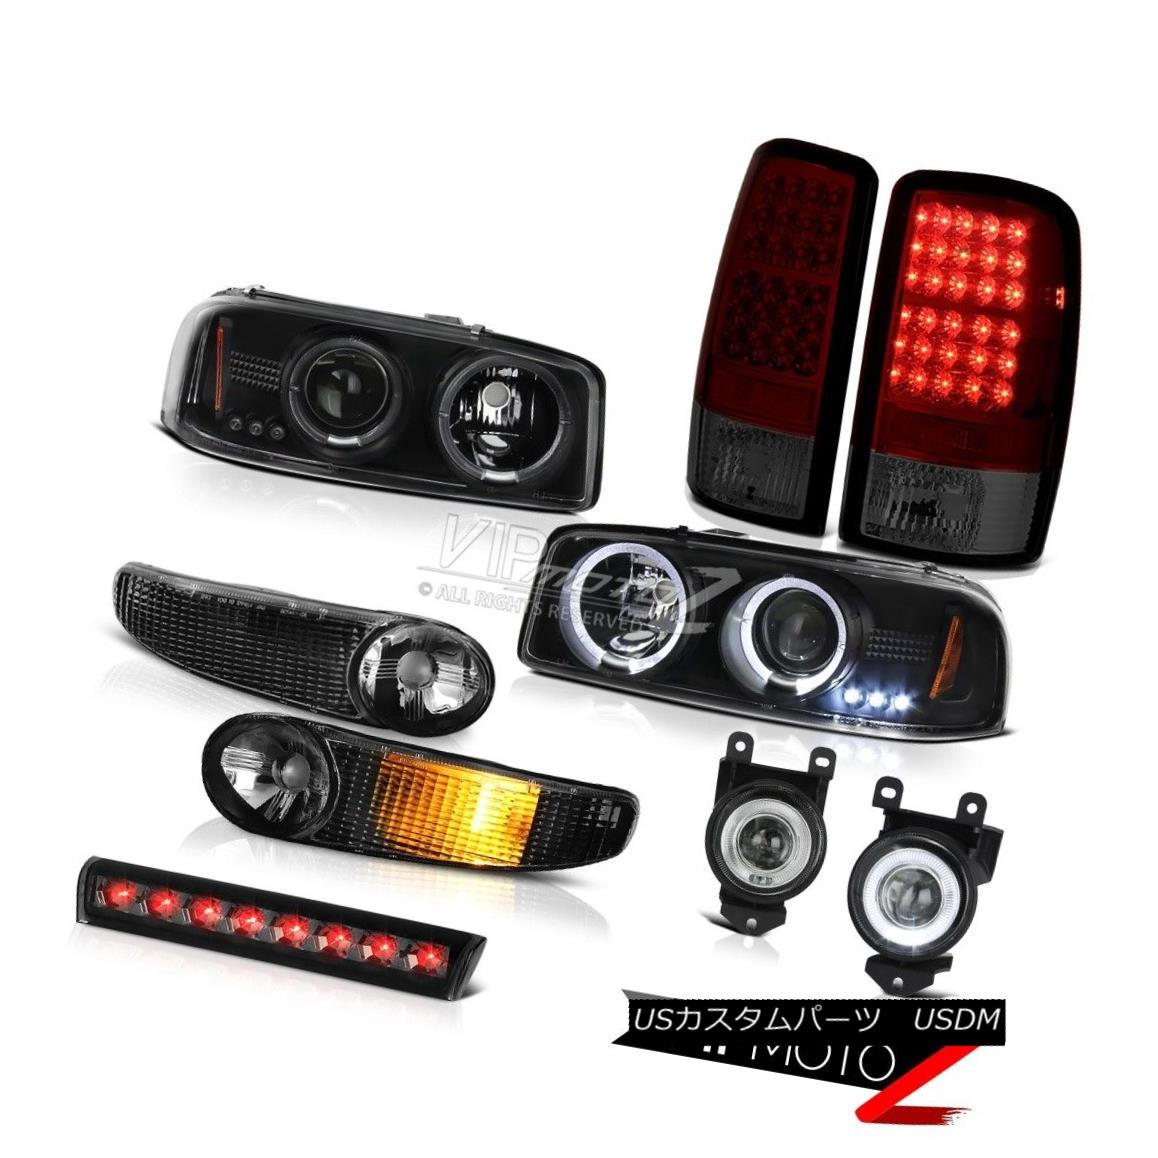 ヘッドライト LED Headlights Bumper Tail Lights Driving FogLamp Smoke 01-06 Yukon XL Denali LEDヘッドライトバンパーテールライトドライビングフォグランプスモーク01-06ユーコンXLデナリ